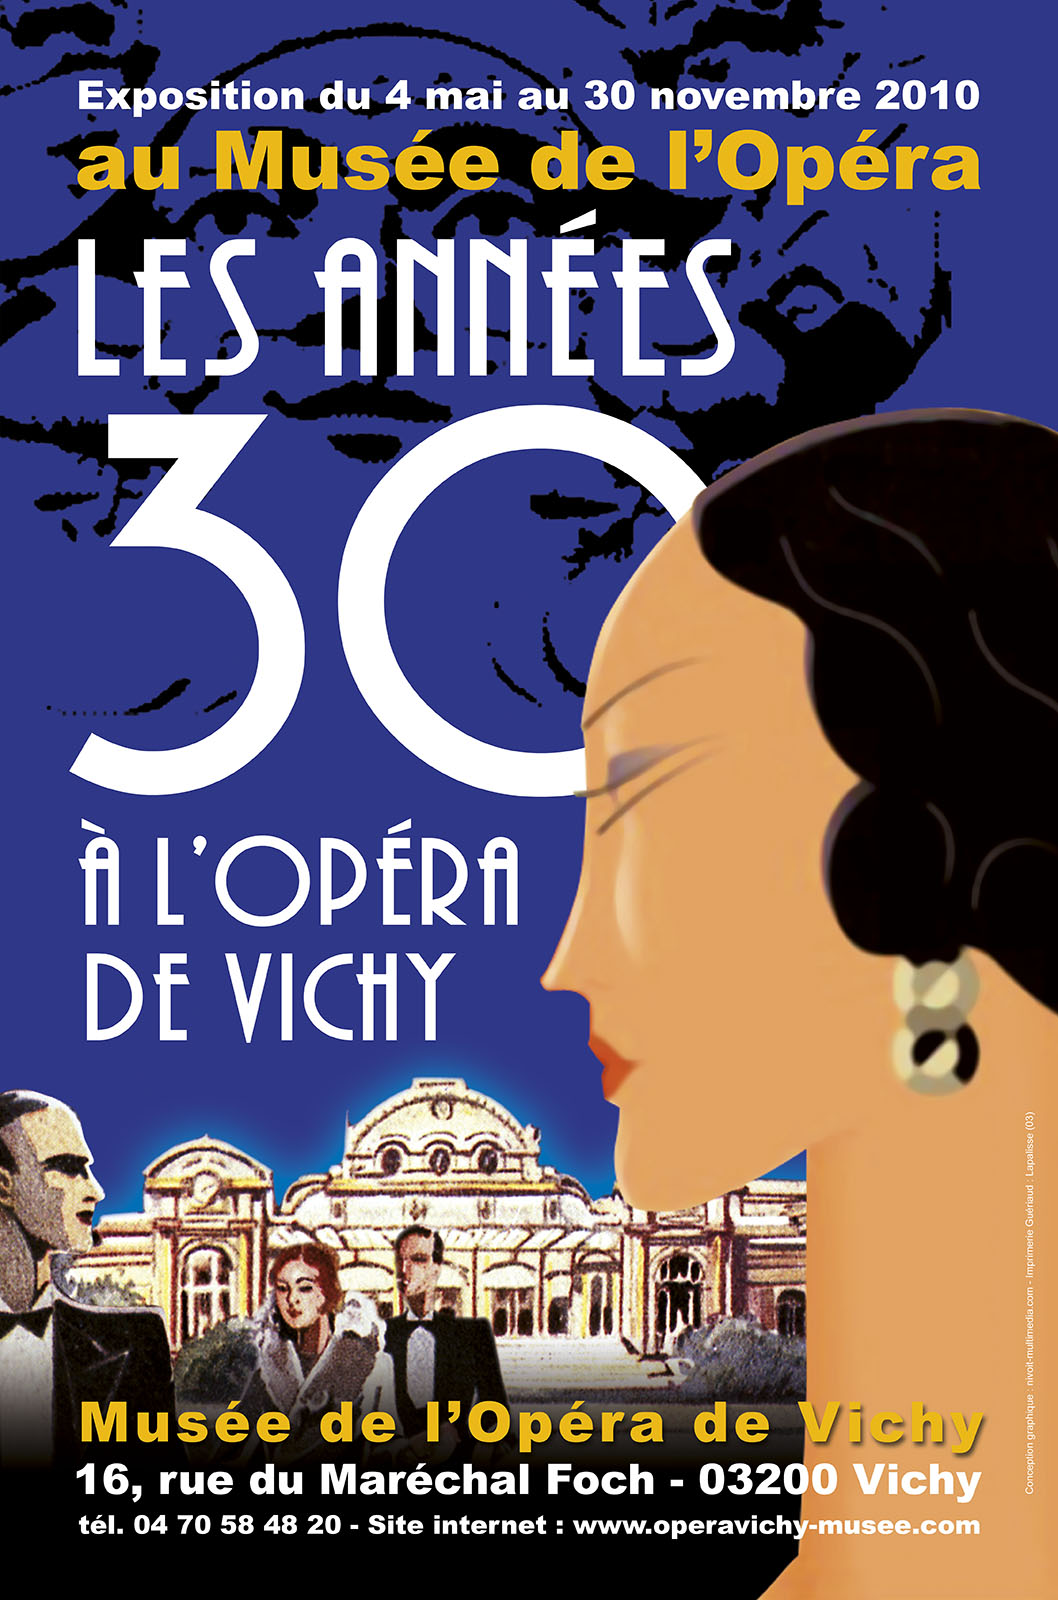 2010 les années trente à l'opéra de vichy - musée de l'opéra de vichy